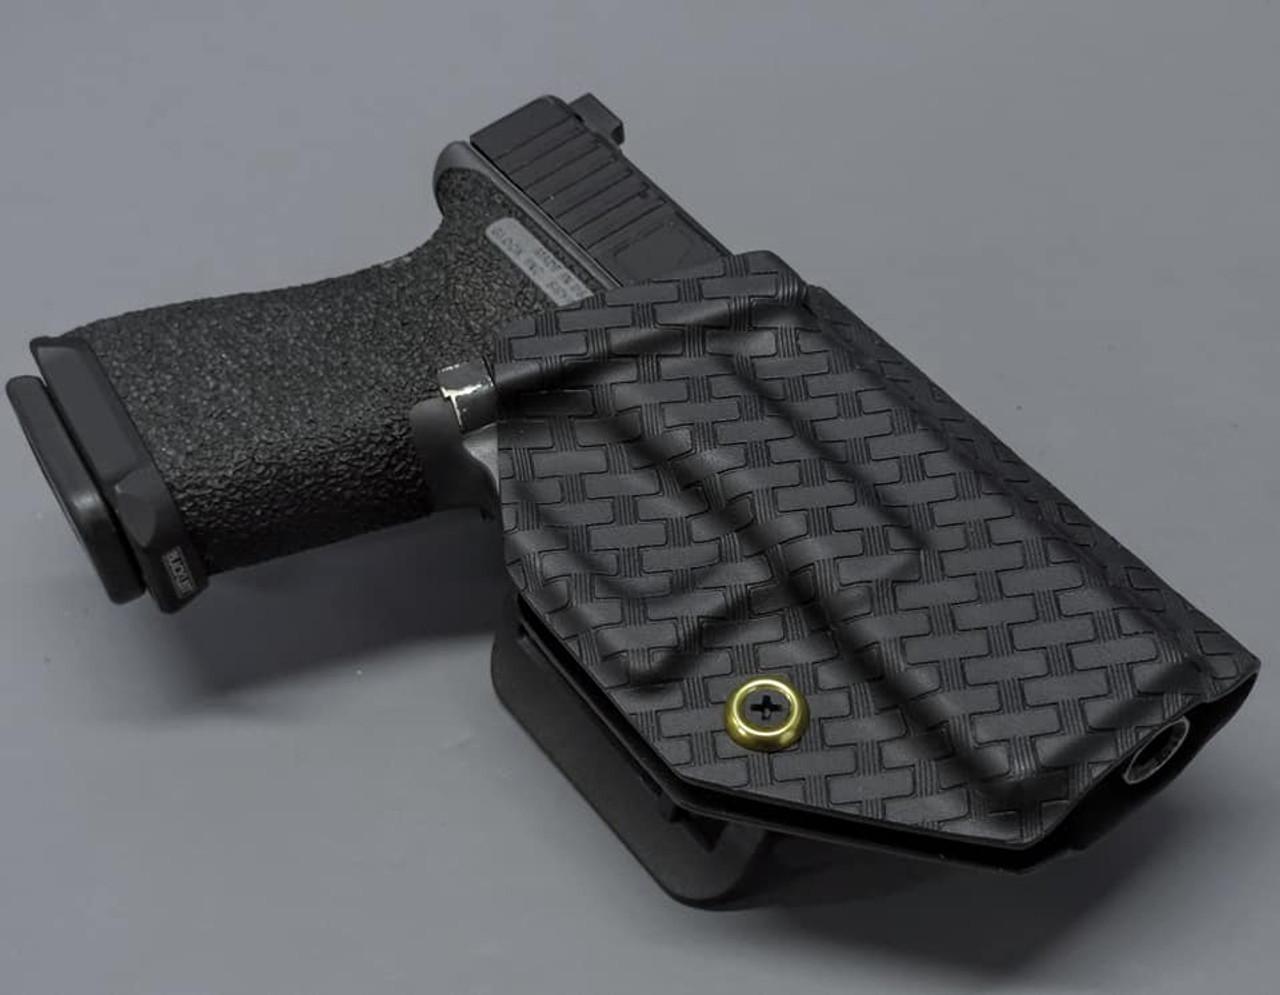 Glock 19 Outside Waistband Holster